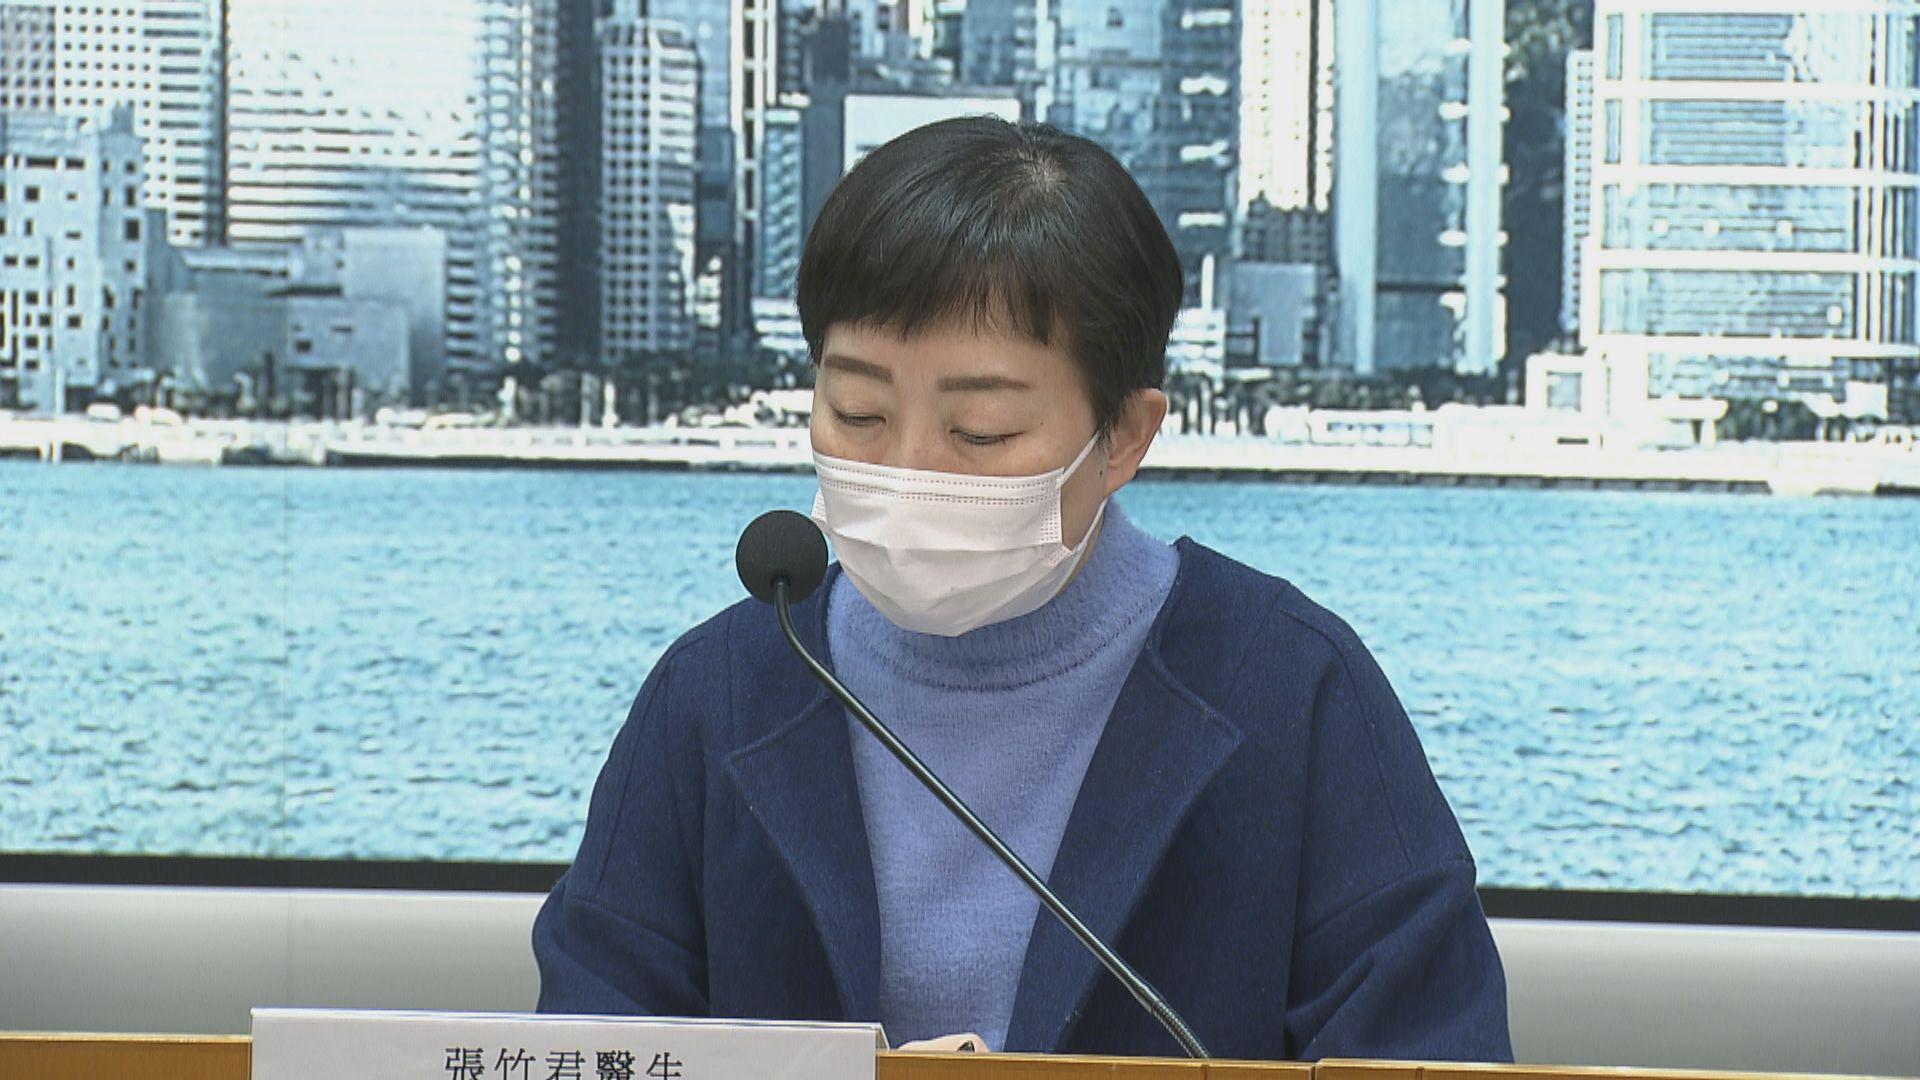 本港新增61宗確診 24人居於油尖旺區